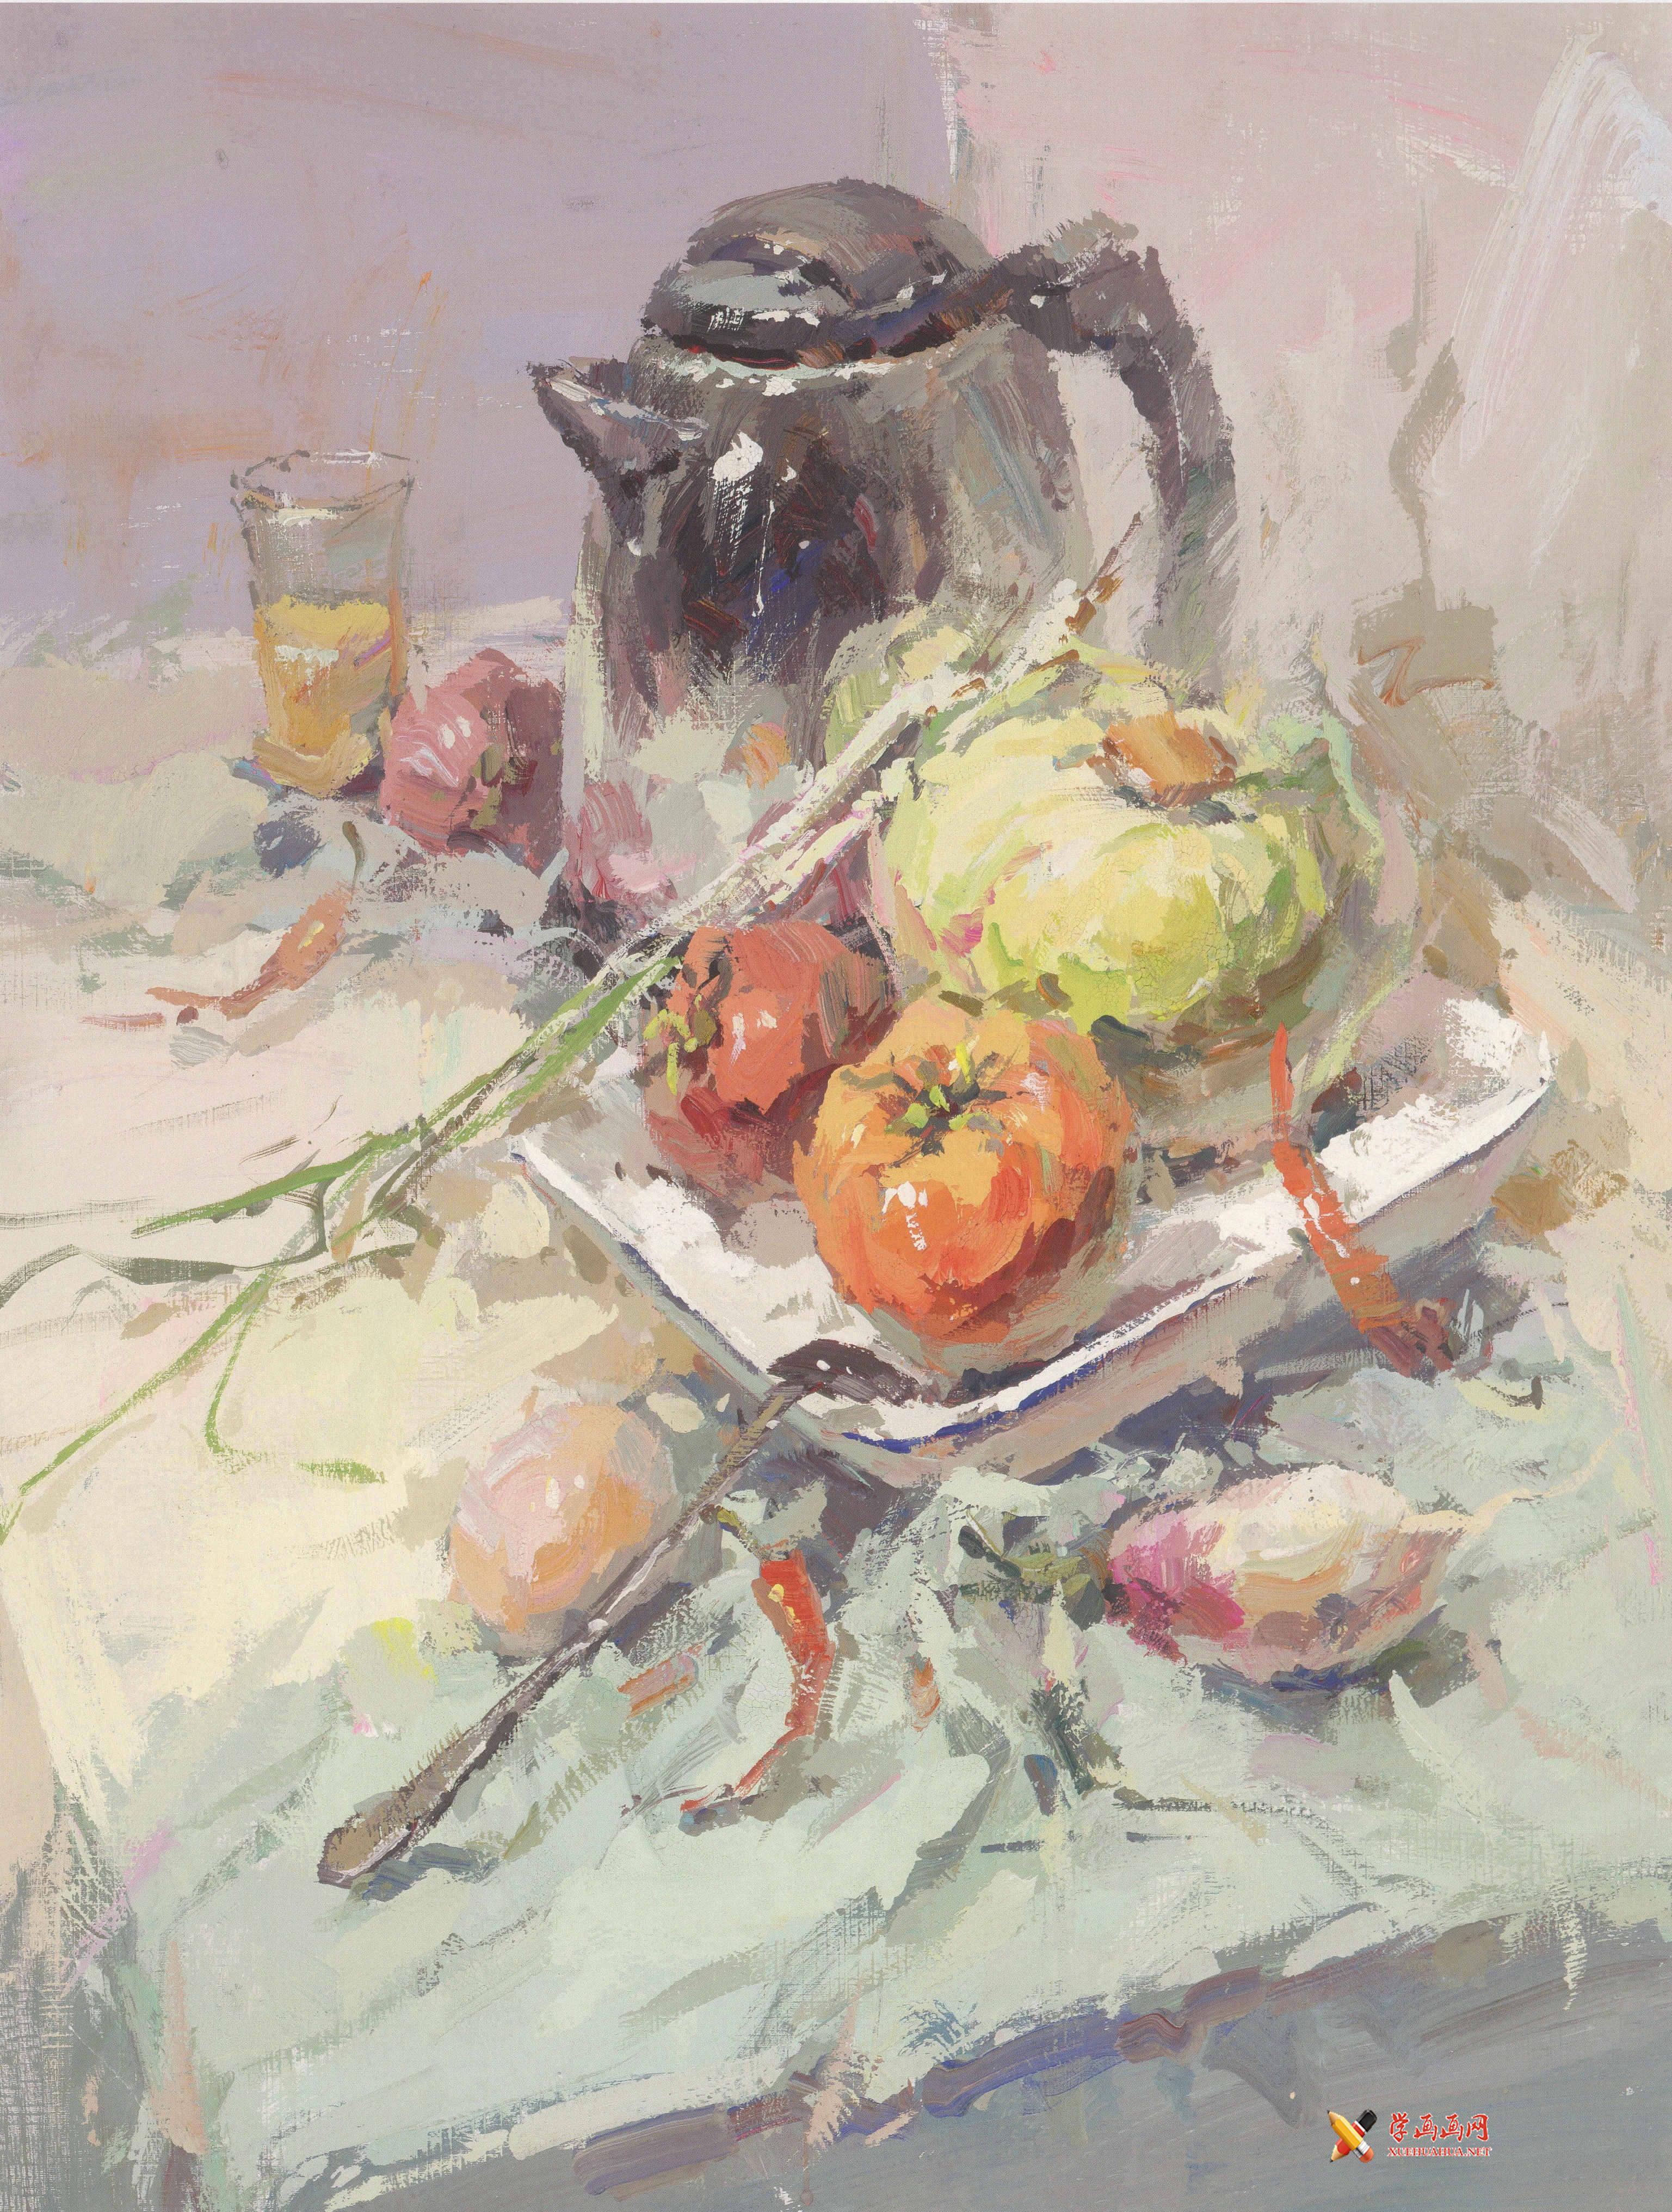 优秀水粉静物作品欣赏(不锈钢电热水壶、透明玻璃杯、番茄、包菜、不锈钢物体组合画法)(1)